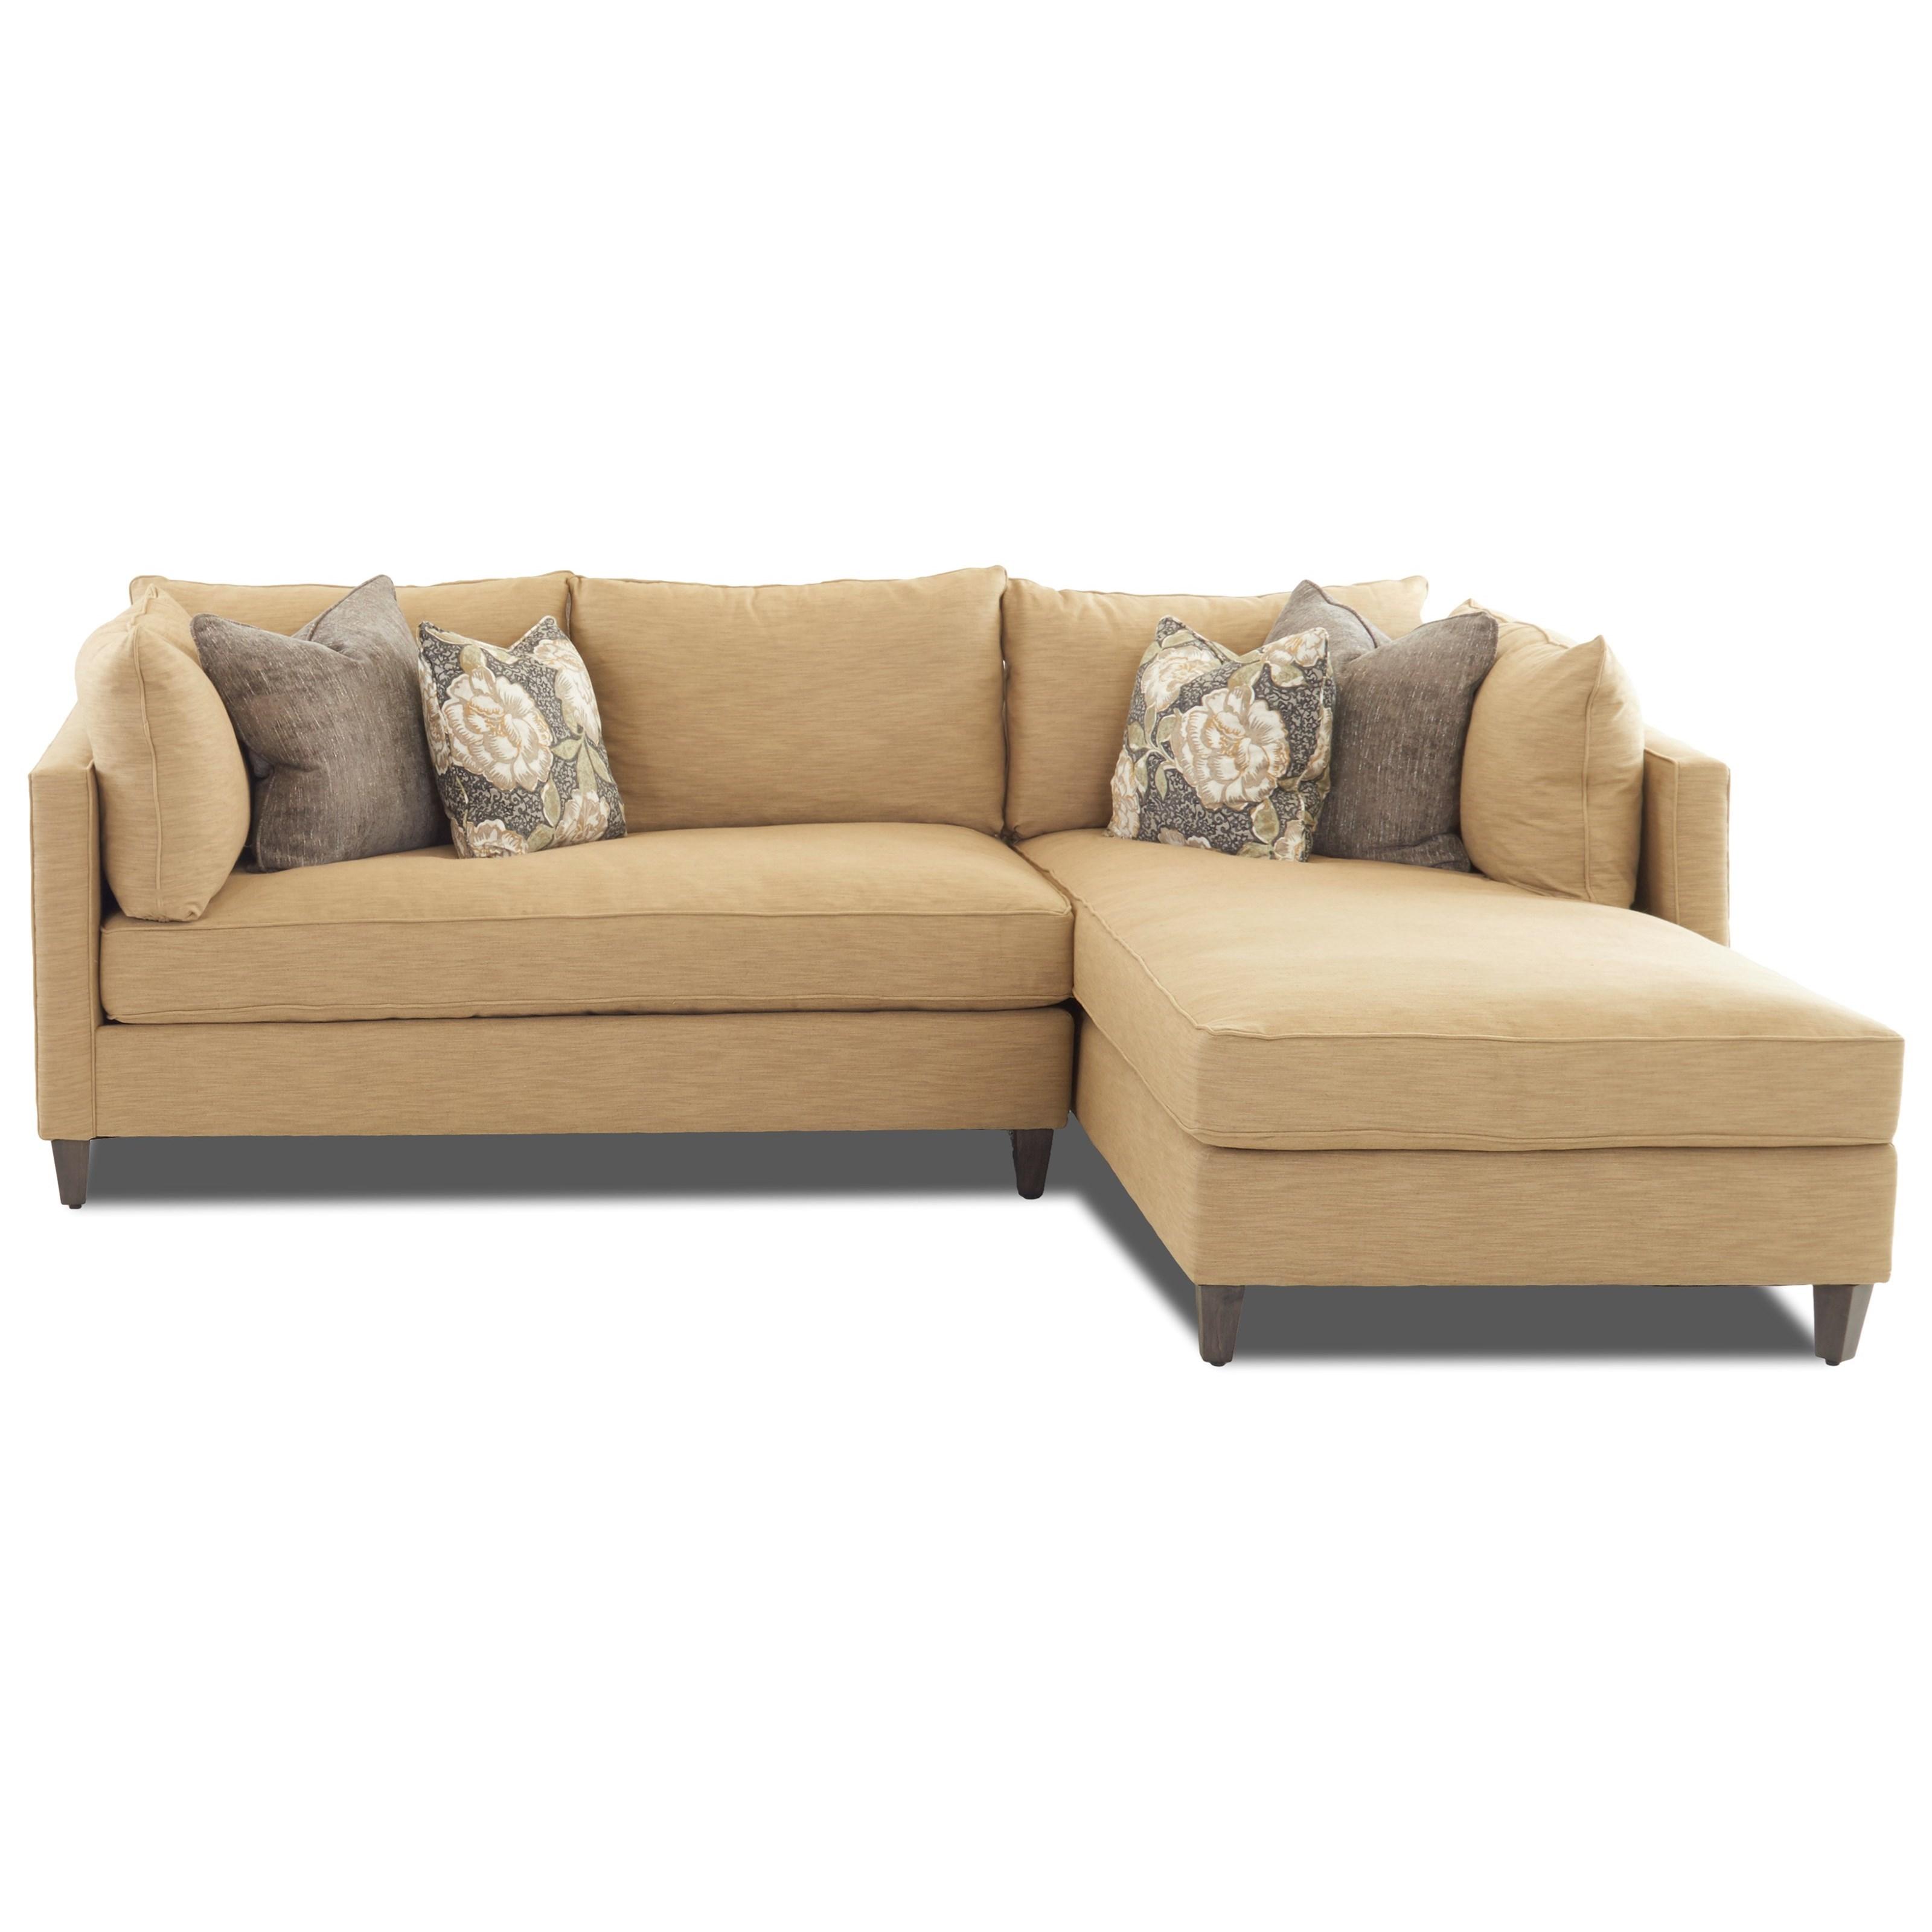 Modular Sofa Chaise with Down Blend Cushions